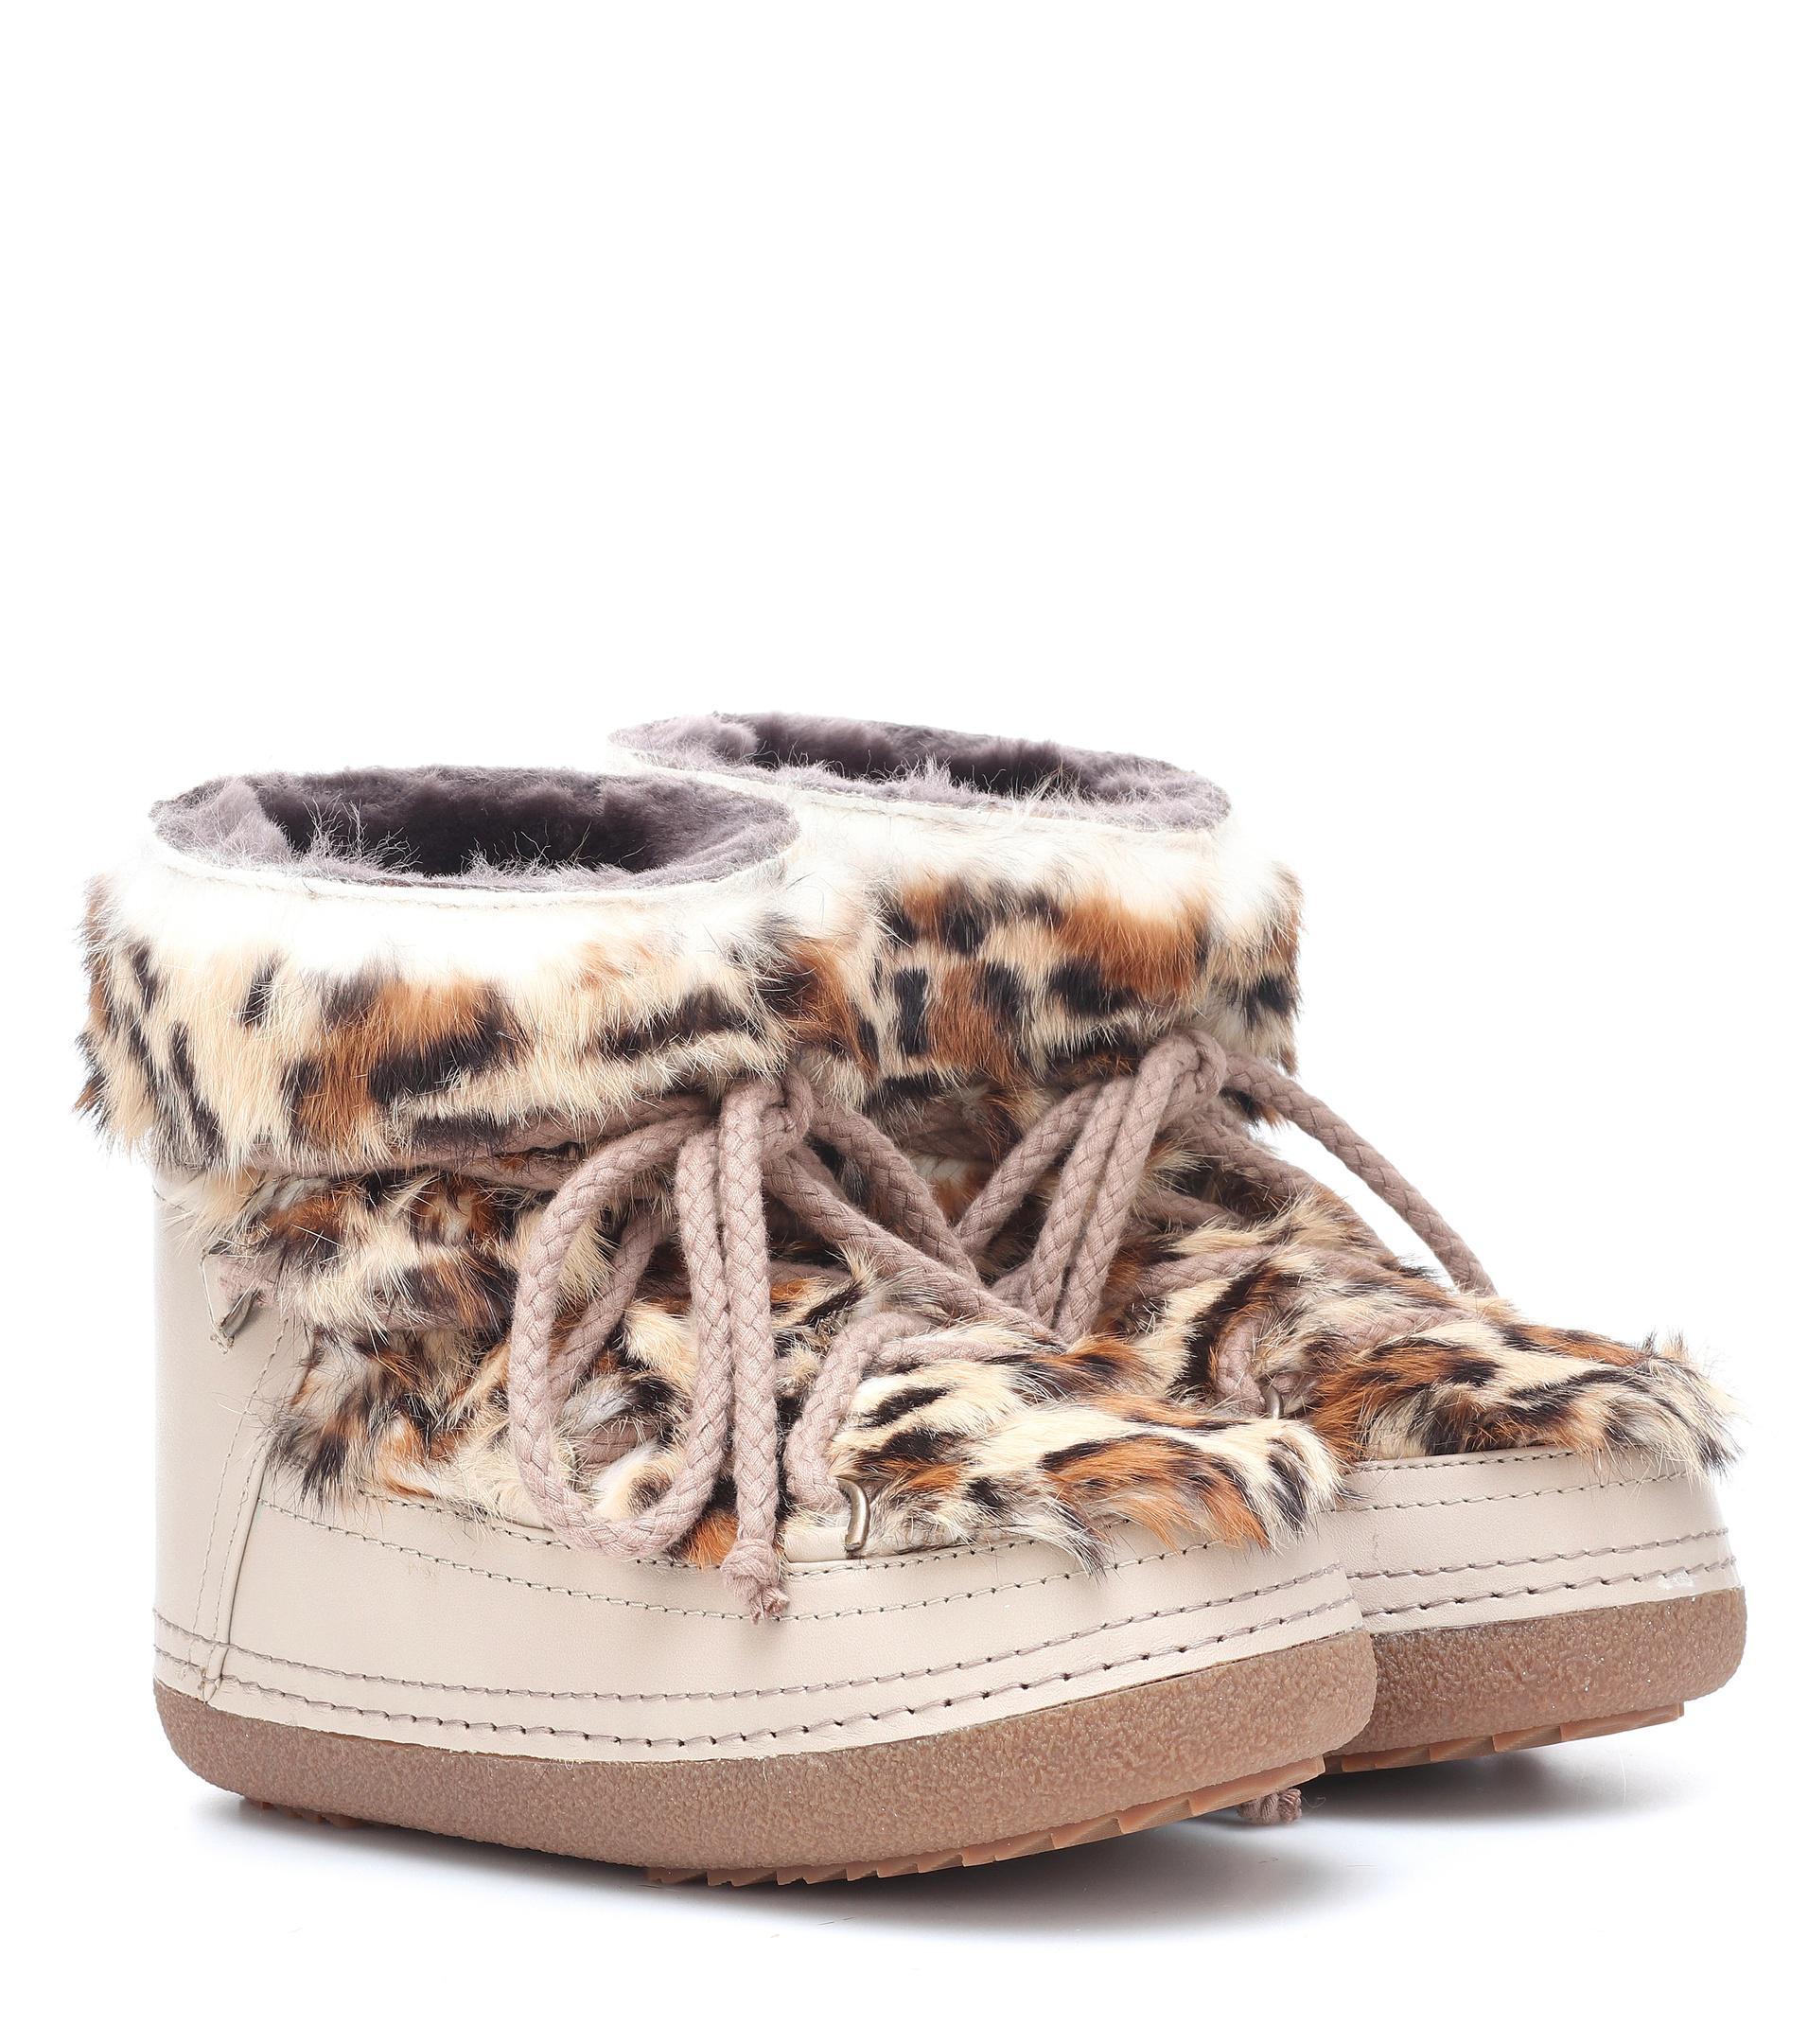 7da16c4ba6b4 Inuikii Classic Low Fur-trimmed Boots in Natural - Lyst